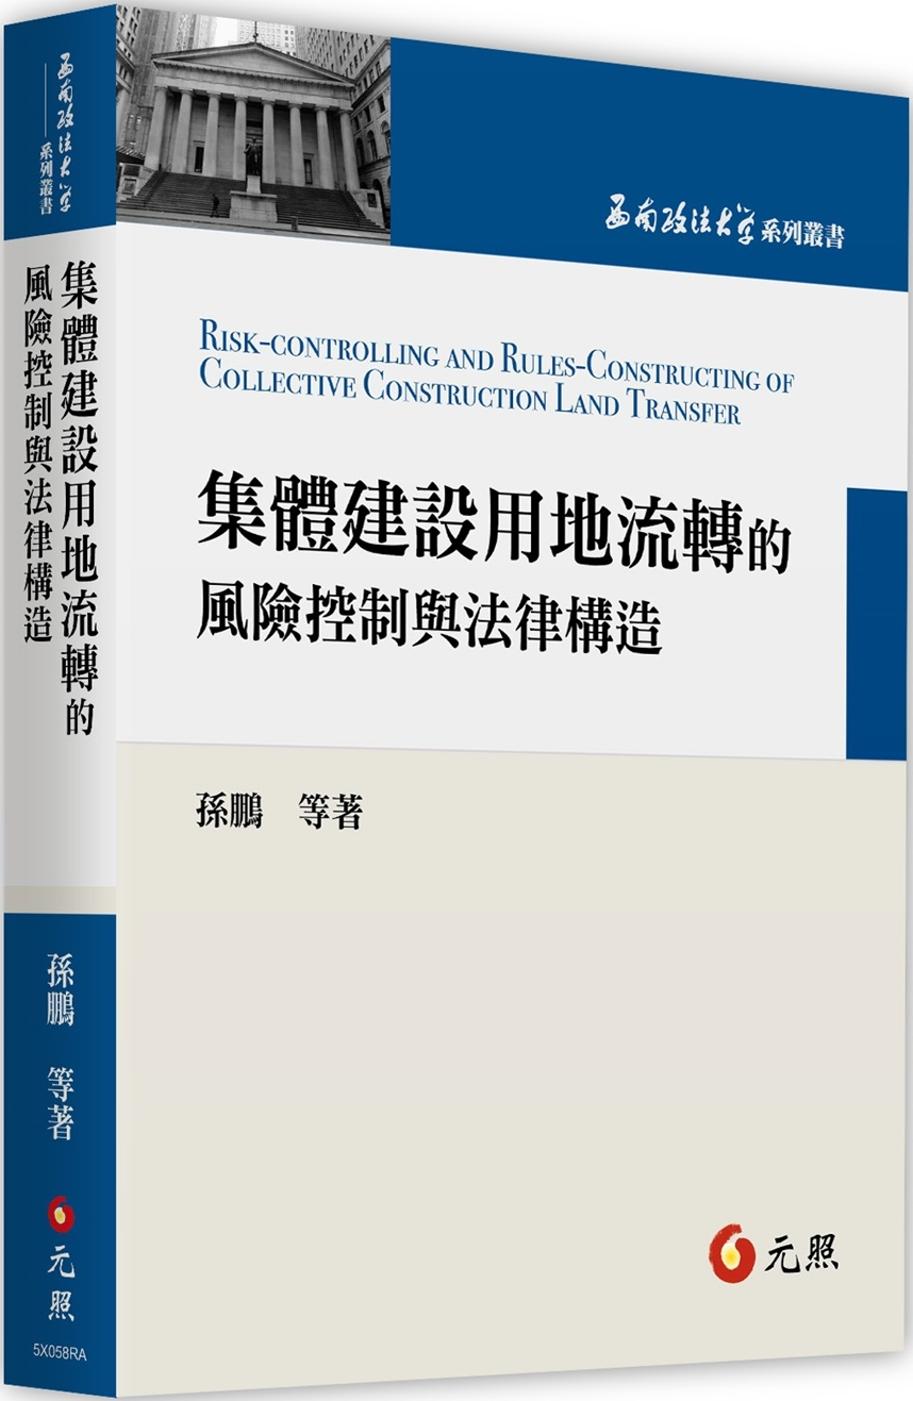 集體建設用地流轉的風險控制與法律構造